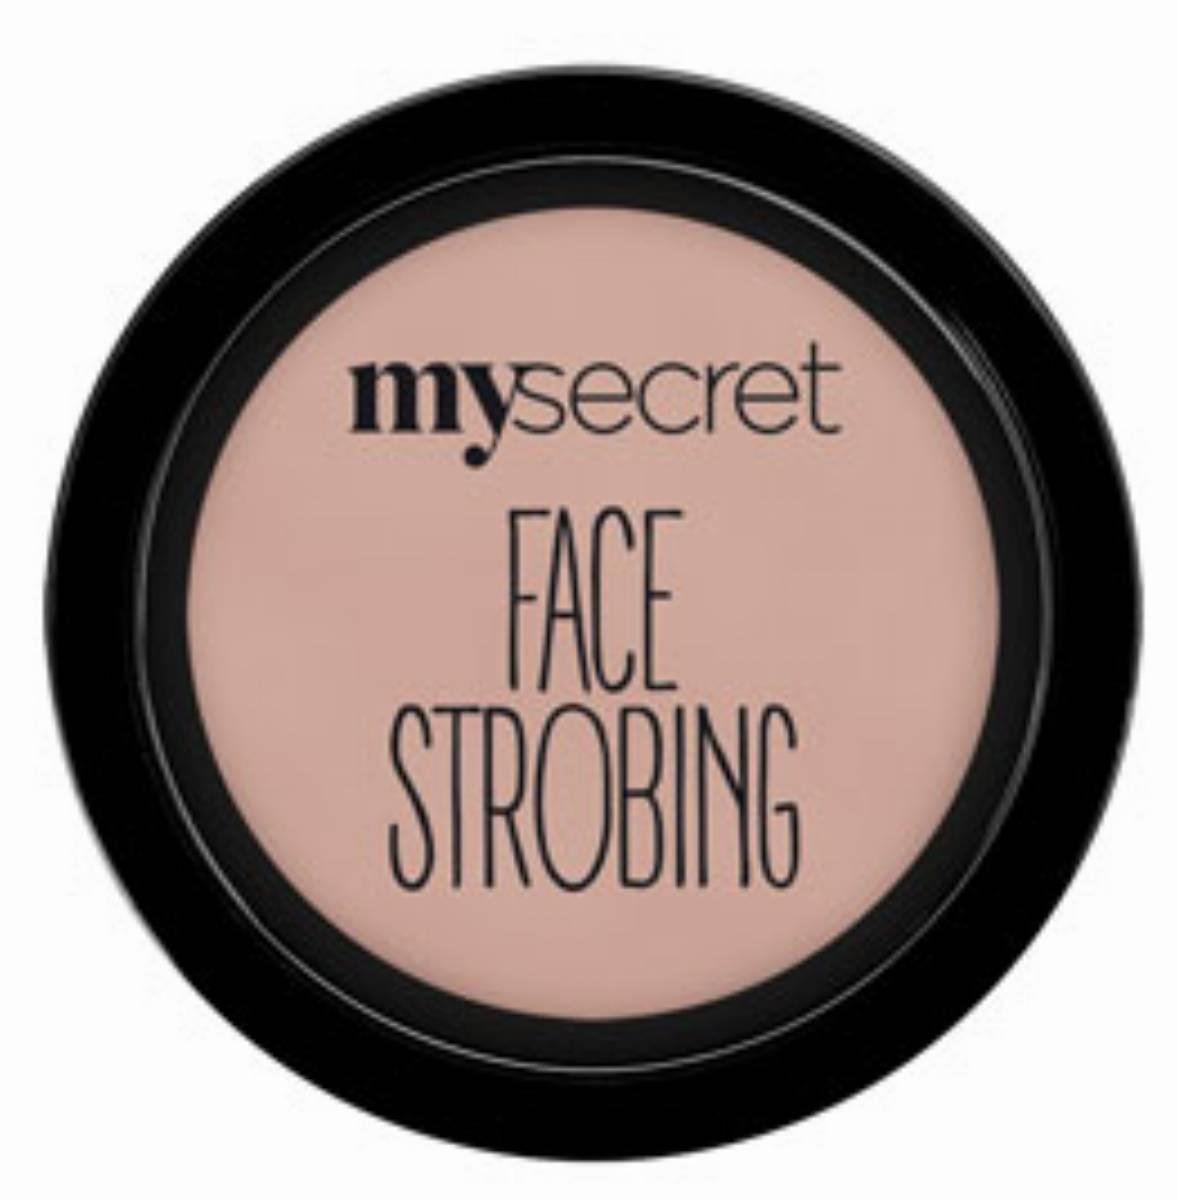 My_Secret_rozświetlacz_Face_Strobing